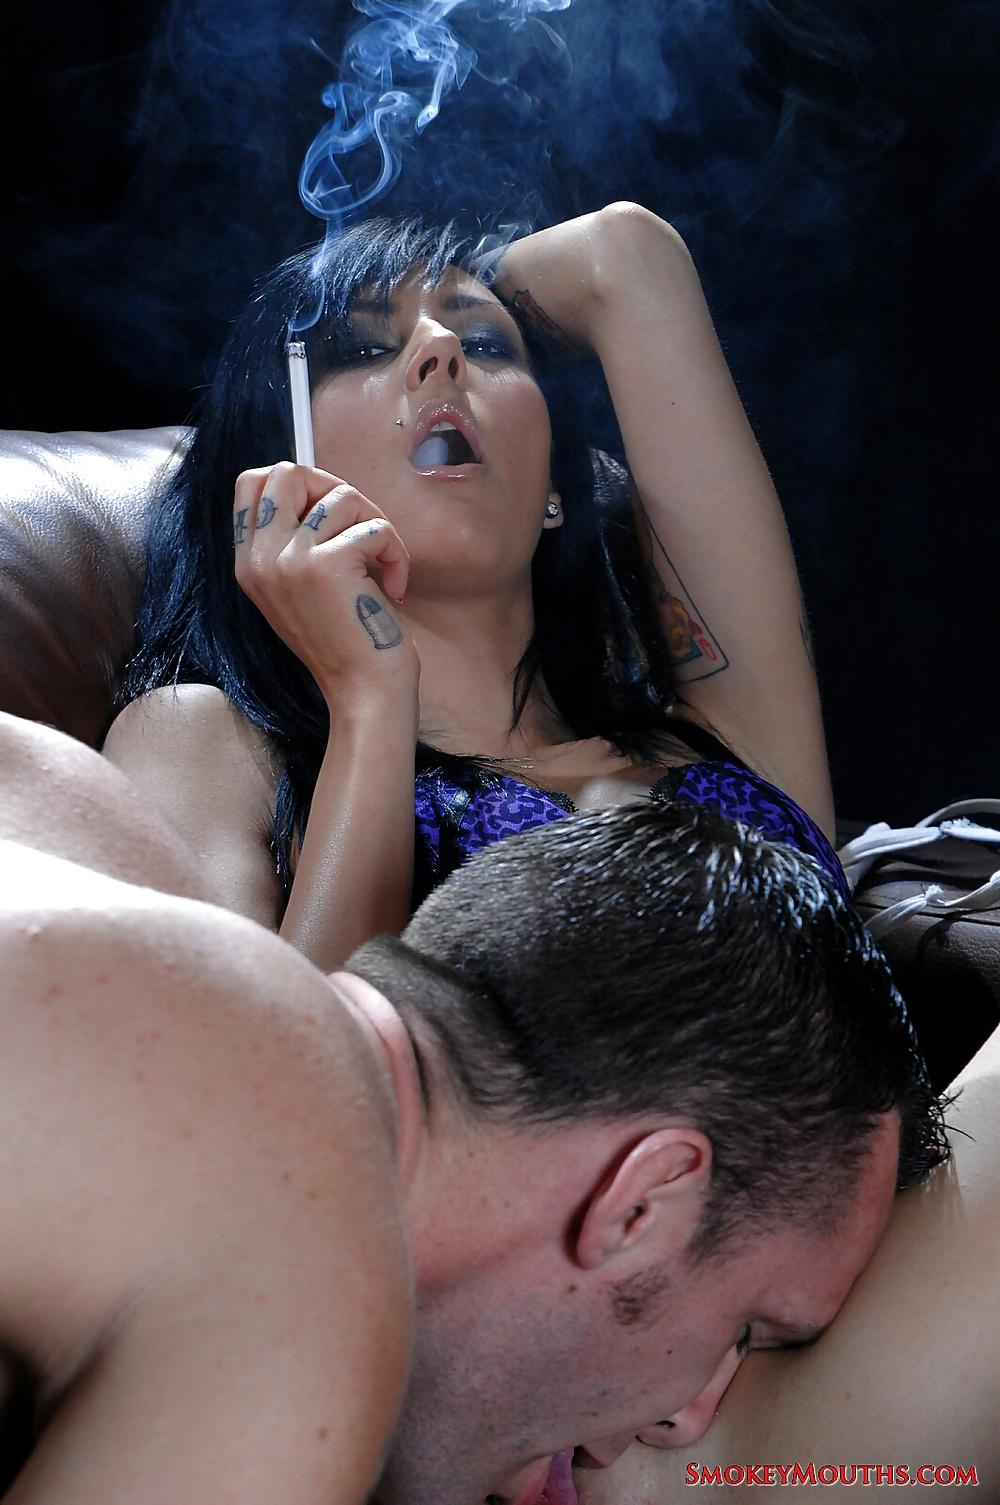 Коленно локтевой женщина курит на диване порно фото русские